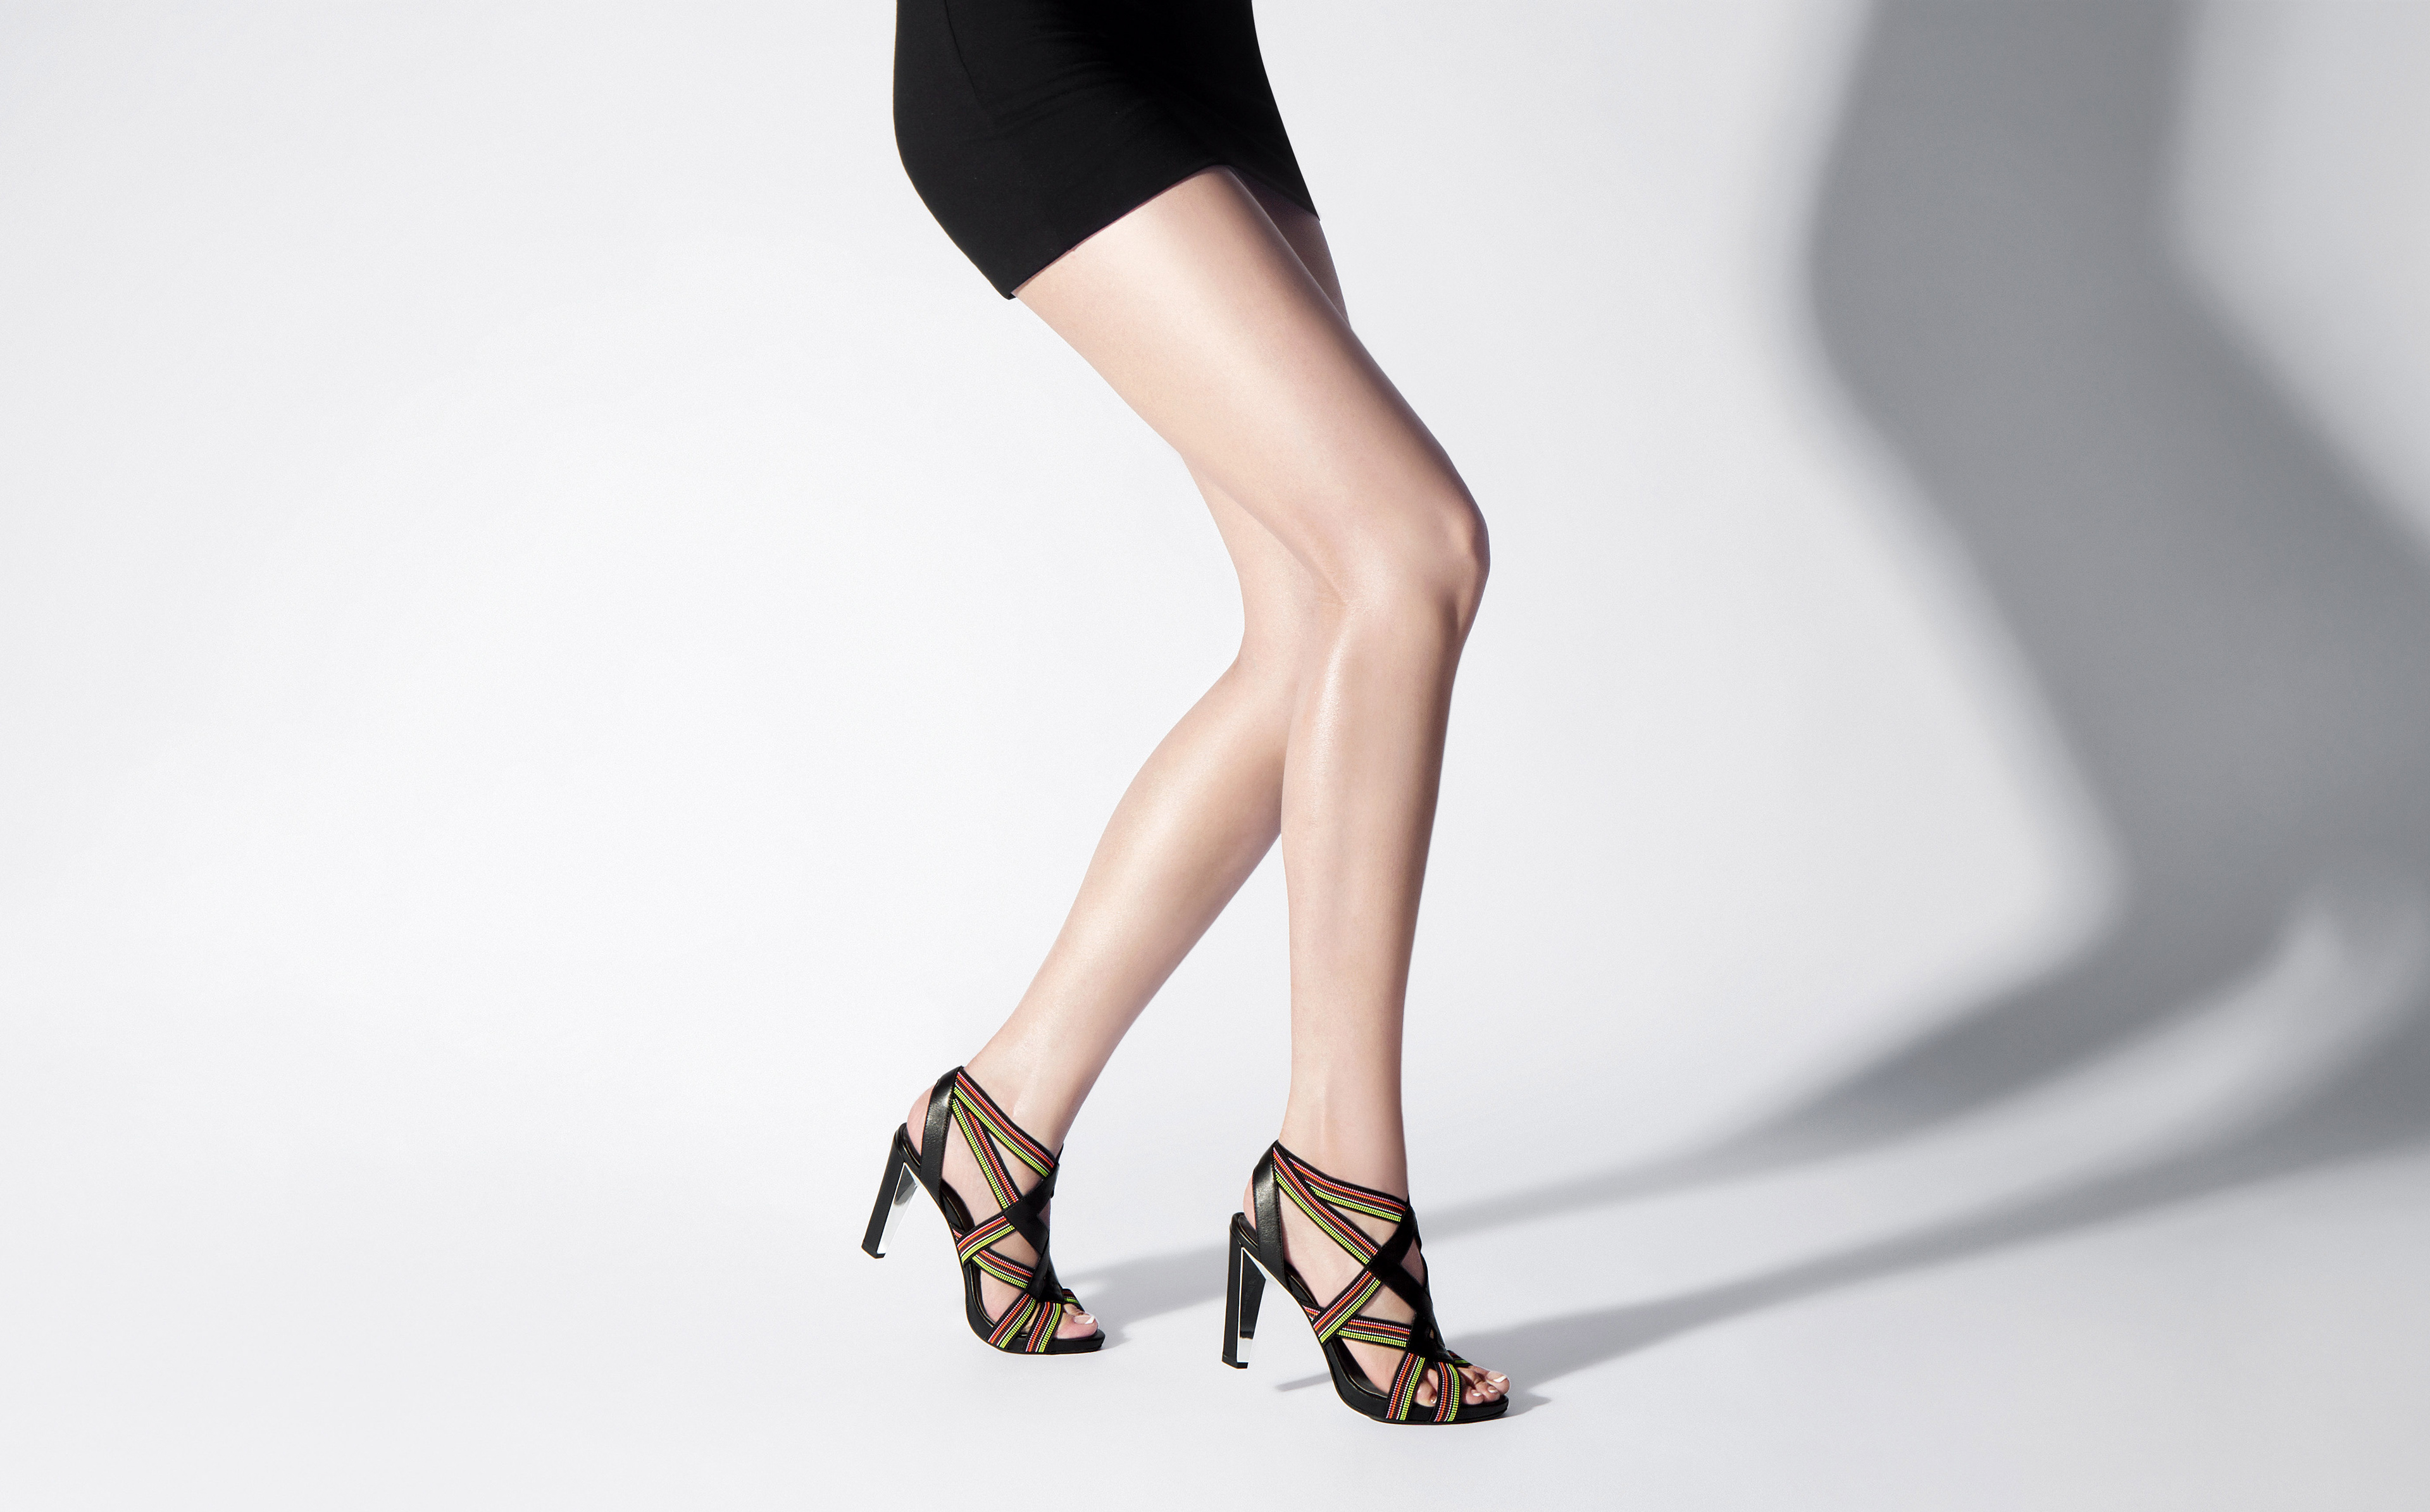 michal kukucka - Sporty high-heel wedge concept / United Nude